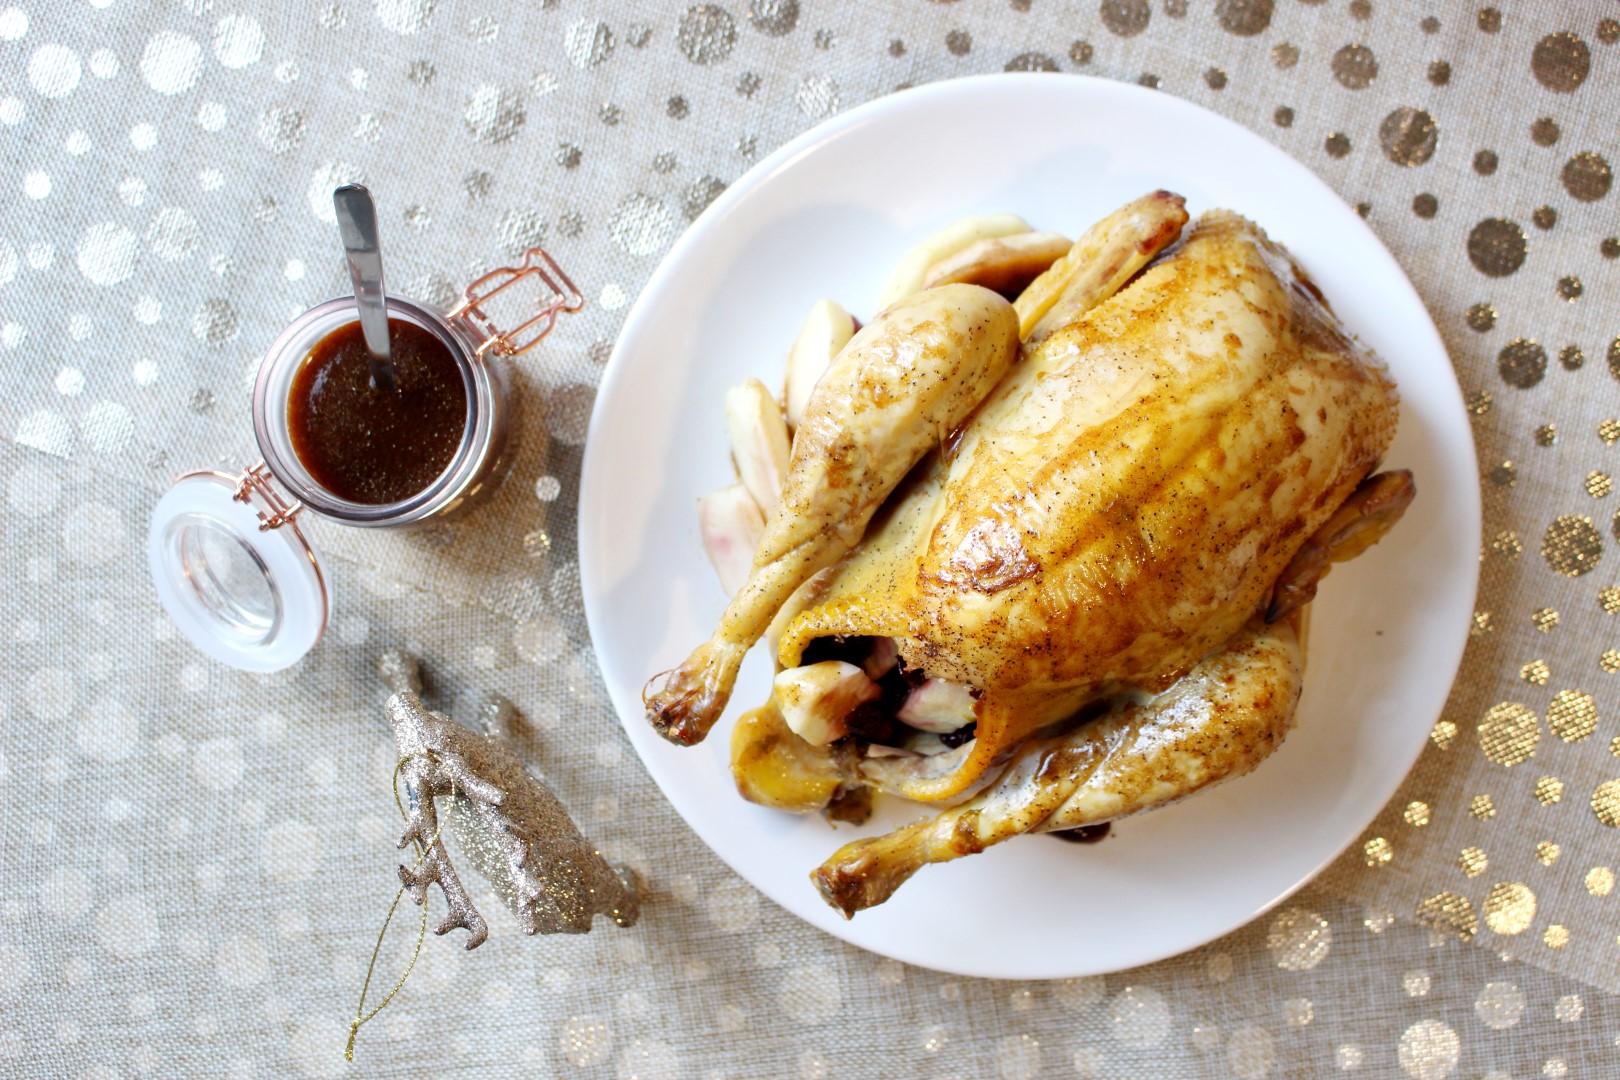 Pollo relleno al horno con manzanas y pasas.